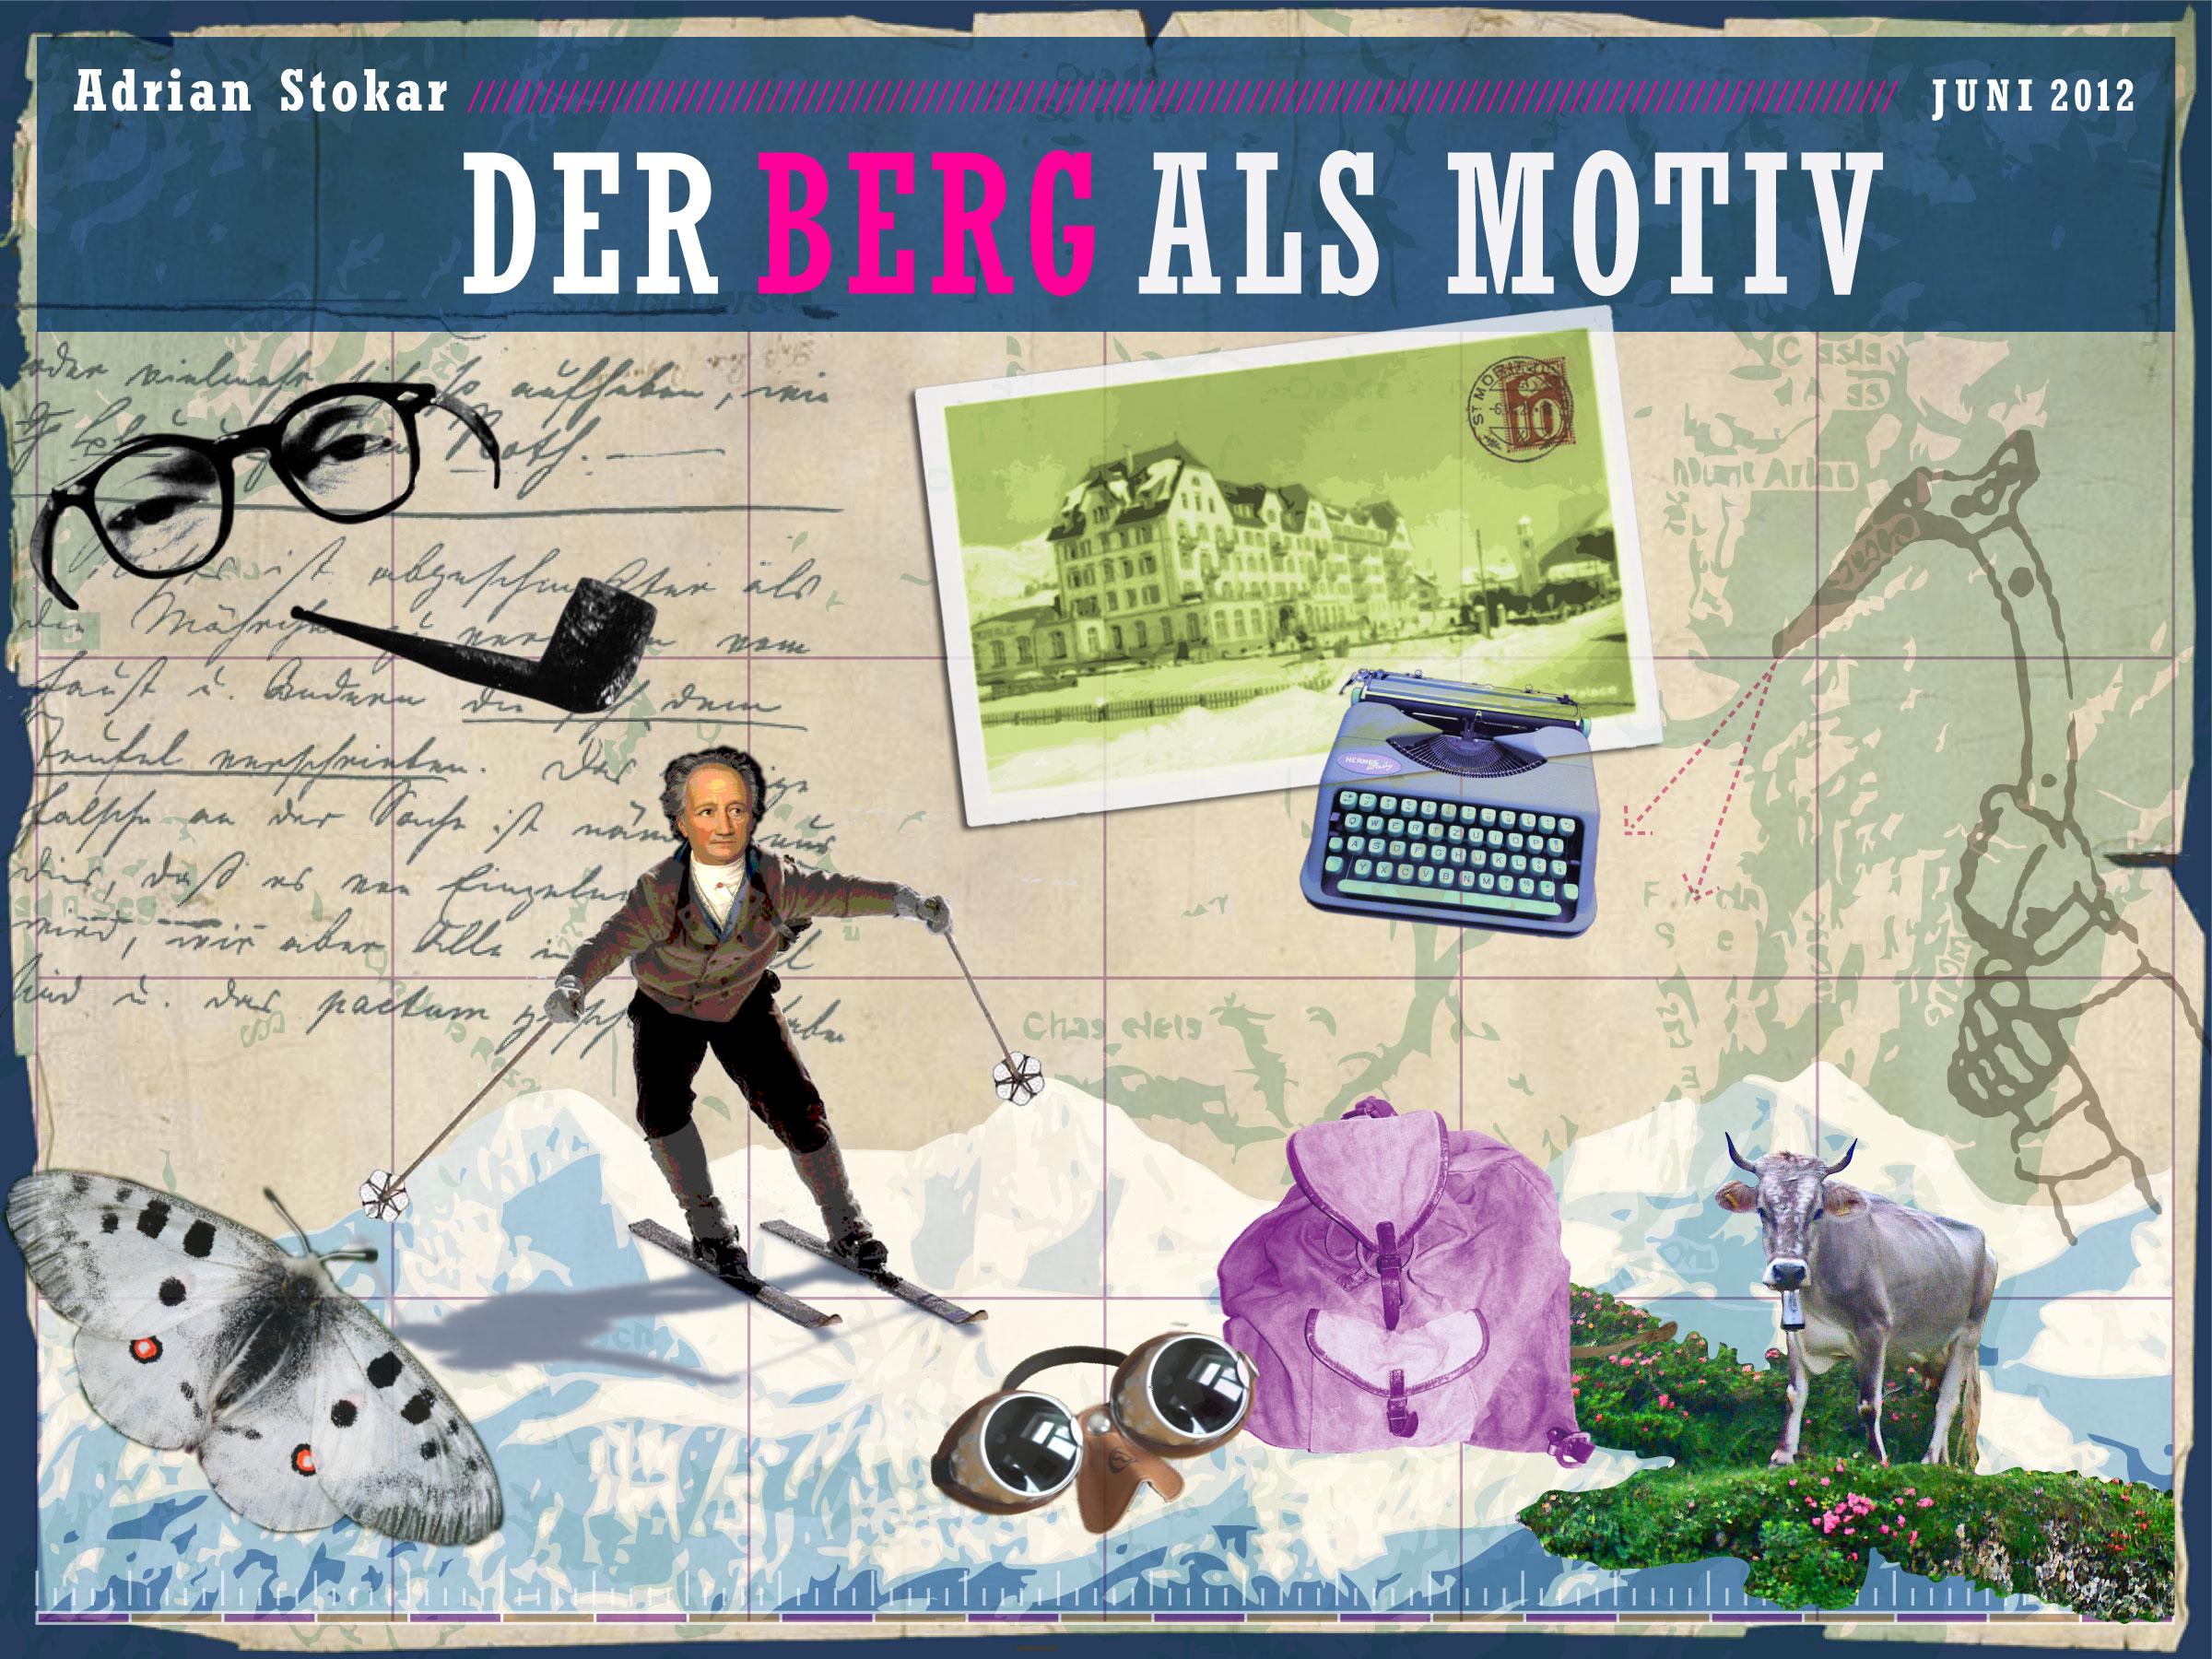 Literarische Wanderungen durch die Schweiz  – 12 Geschichten von den Bergen in der Literatur. Die Höhenflüge – von Goethe über Hesse bis Frisch – waren zu hören in der Podcast-Reihe  mein lesezeichen.ch